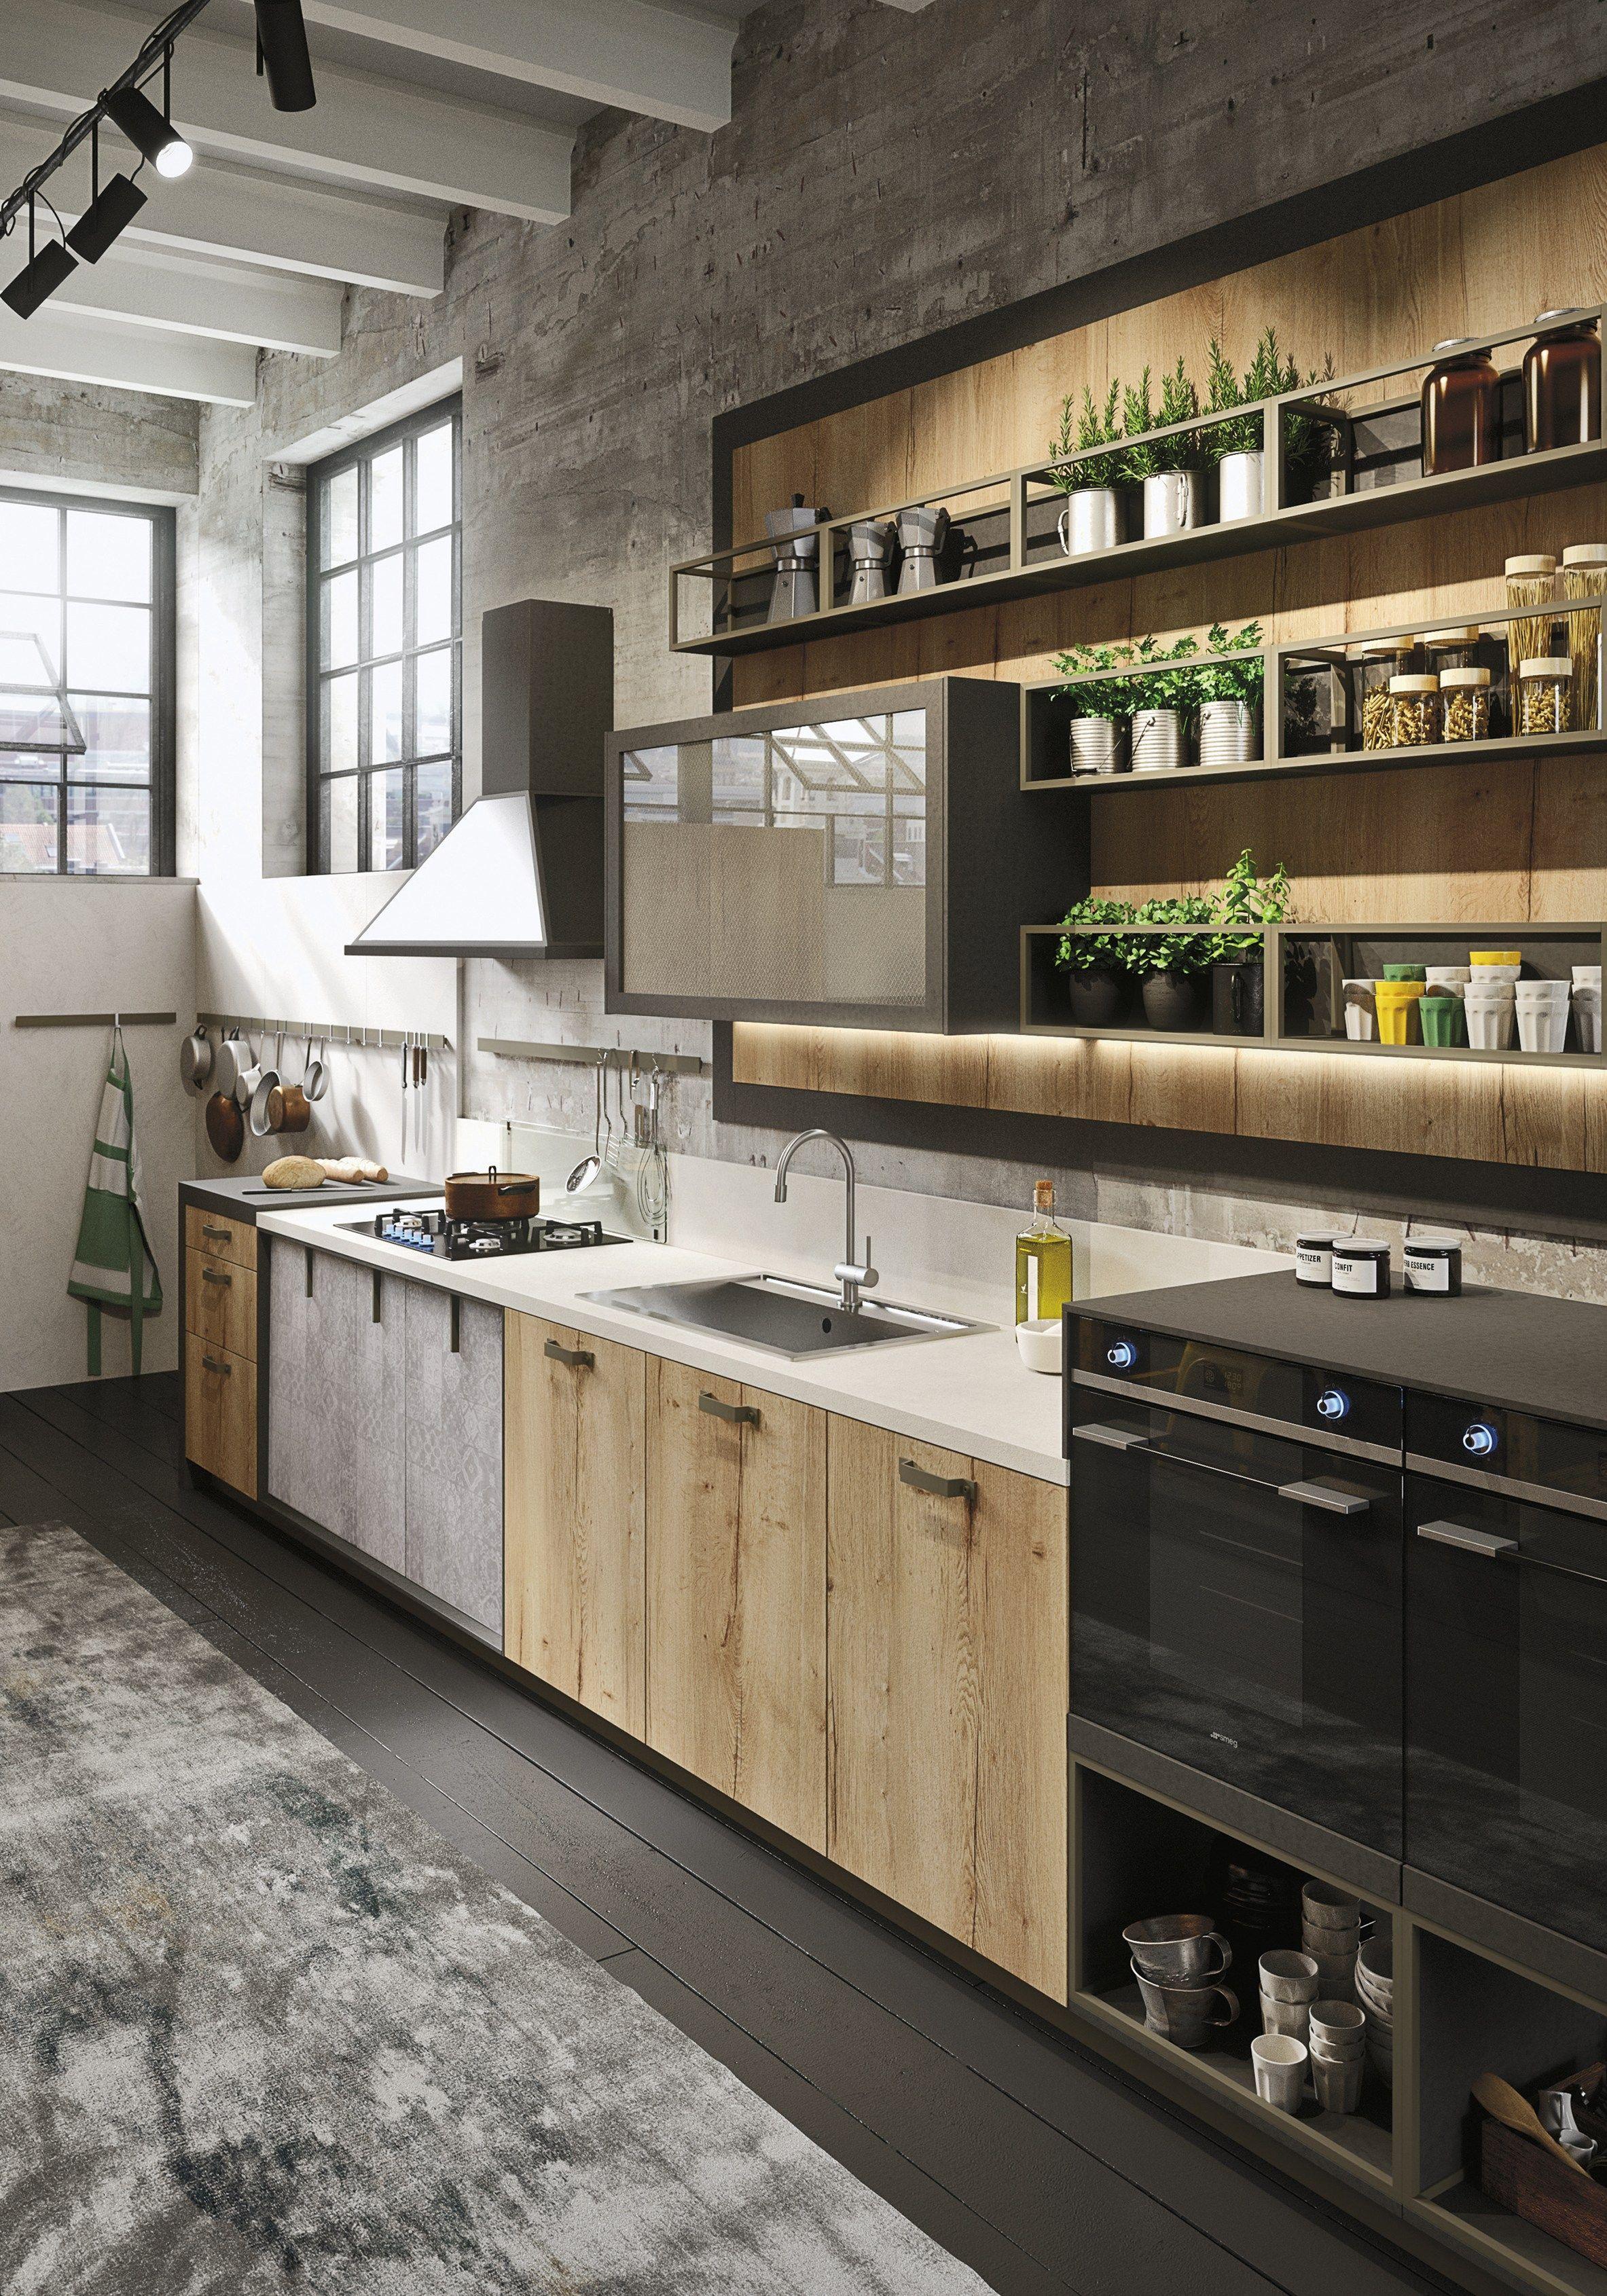 1000+ images about keittiö - harmaa, valkoinen, puuta / kitchen ...